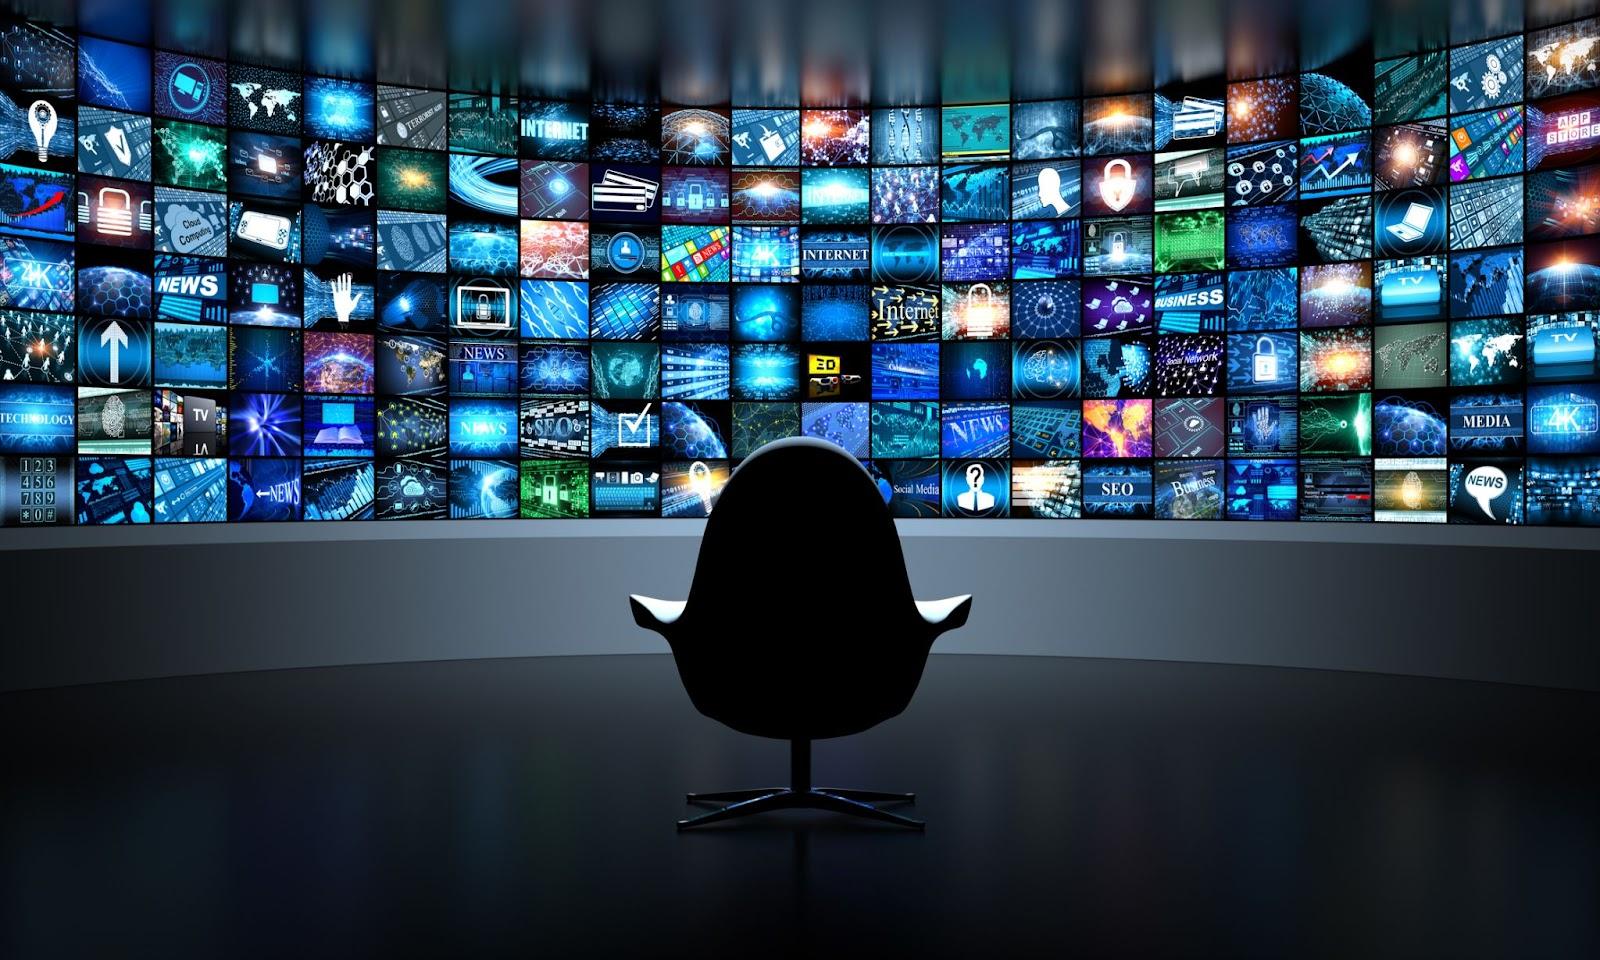 Роскомнадзор будет переводить радио- и теле- контент в текст для анализа